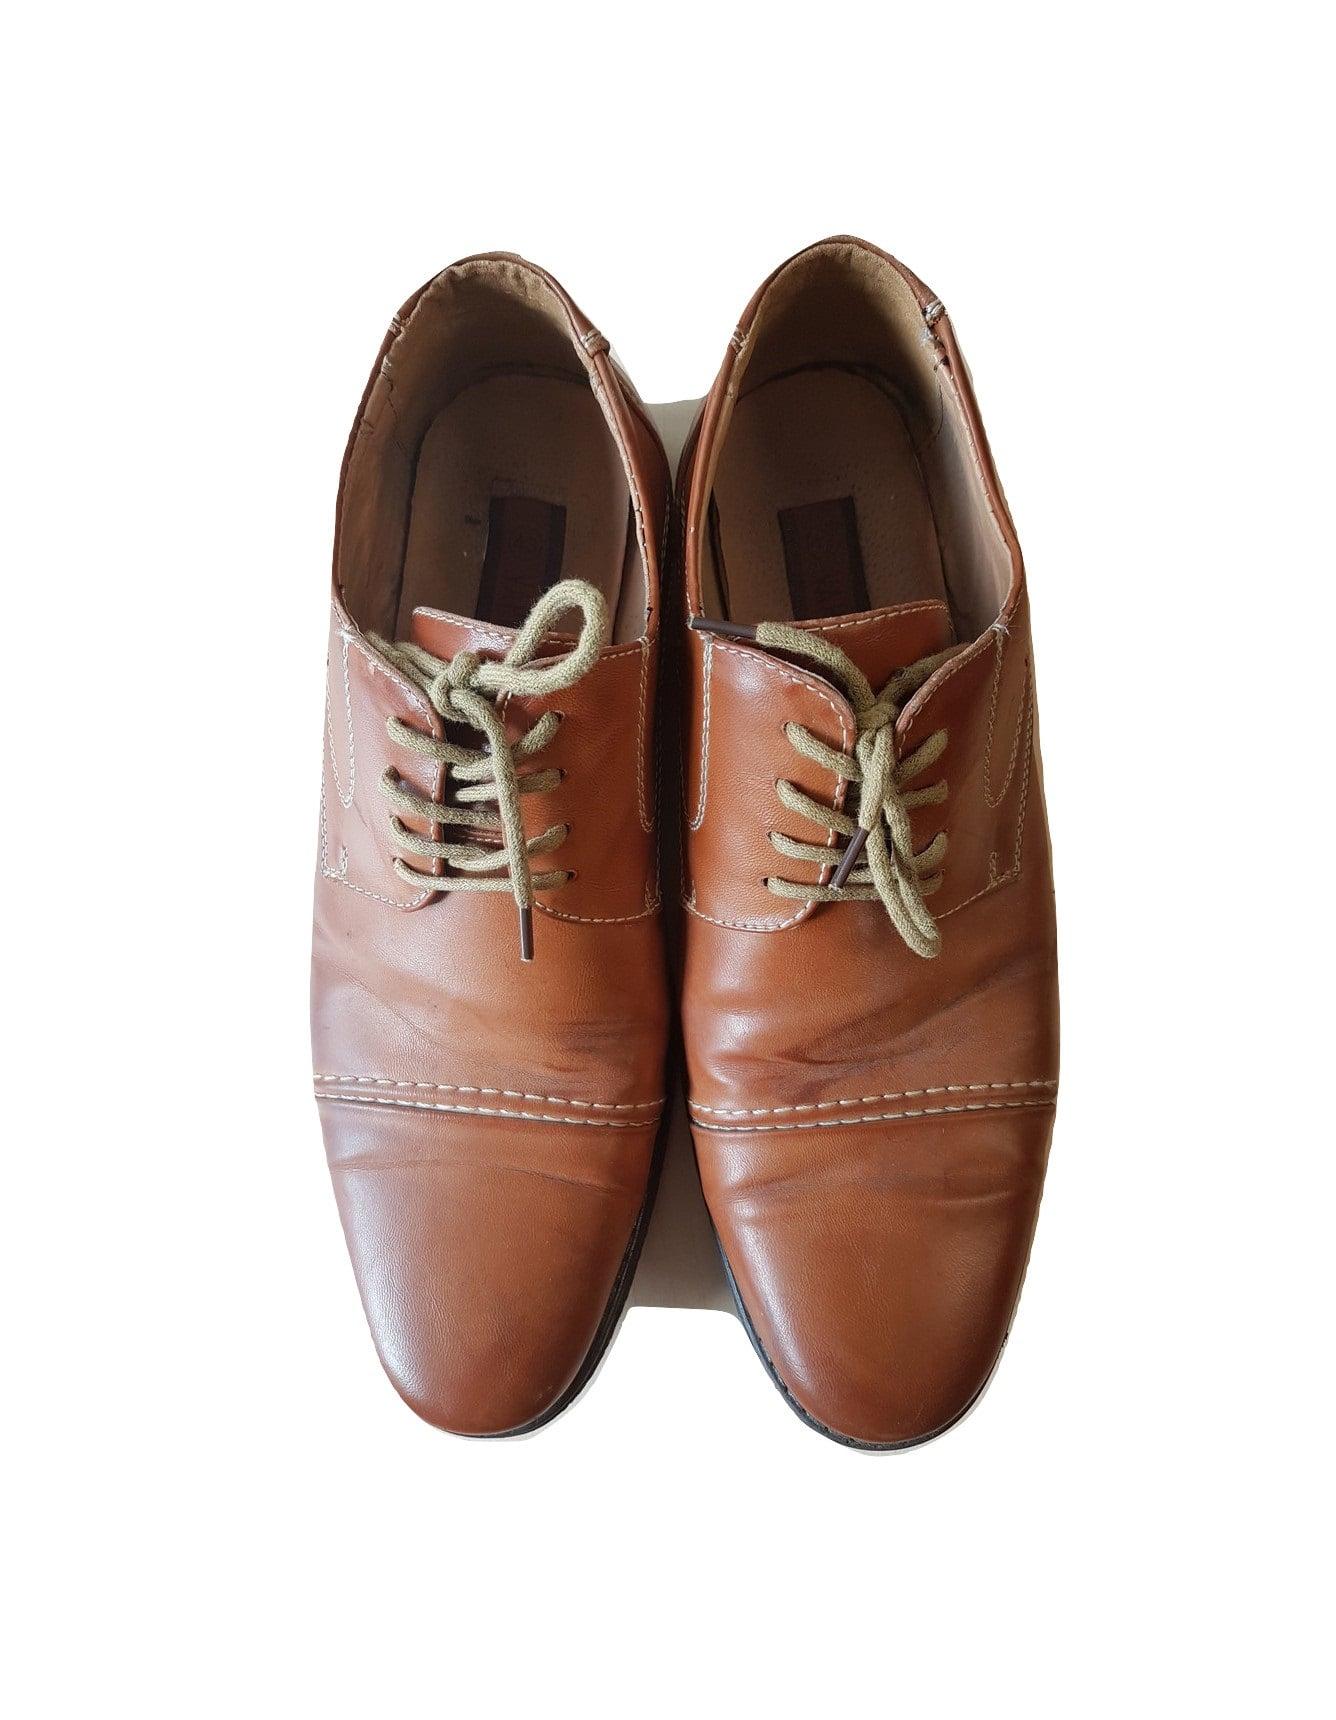 Vyriški rudi klasikiniai batai, Vapiano, 43 dydis